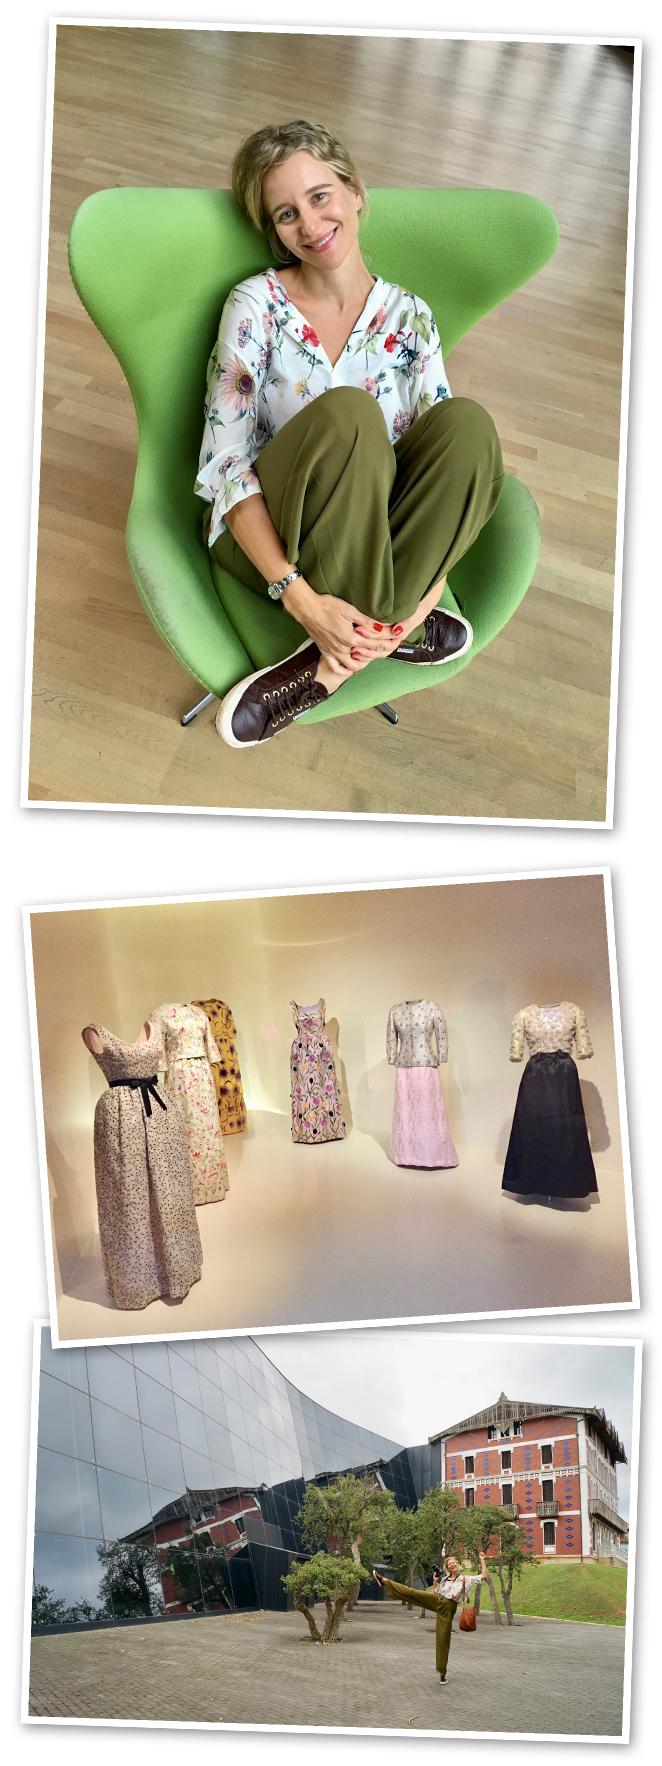 """En Getaria también es imprescindible la visita al Museo Balenciaga, ubicado en el Palacio Aldamar (S.XIX) que fue la antigua residencia de los Marqueses de Casa Torre, los cuales apoyaron mucho al diseñador en su época. El Museo recoge una colección de unas 1.200 prendas que demuestran que Cristóbal Balenciaga fue el creador de moda más significativo internacionalmente que ha nacido en nuestro país. Christian Dior denominaba a Balenciaga como """"el maestro de todos nosotros"""" y Coco Chanel prefería calificarlo como """"el arquitecto de la Alta Costura"""""""